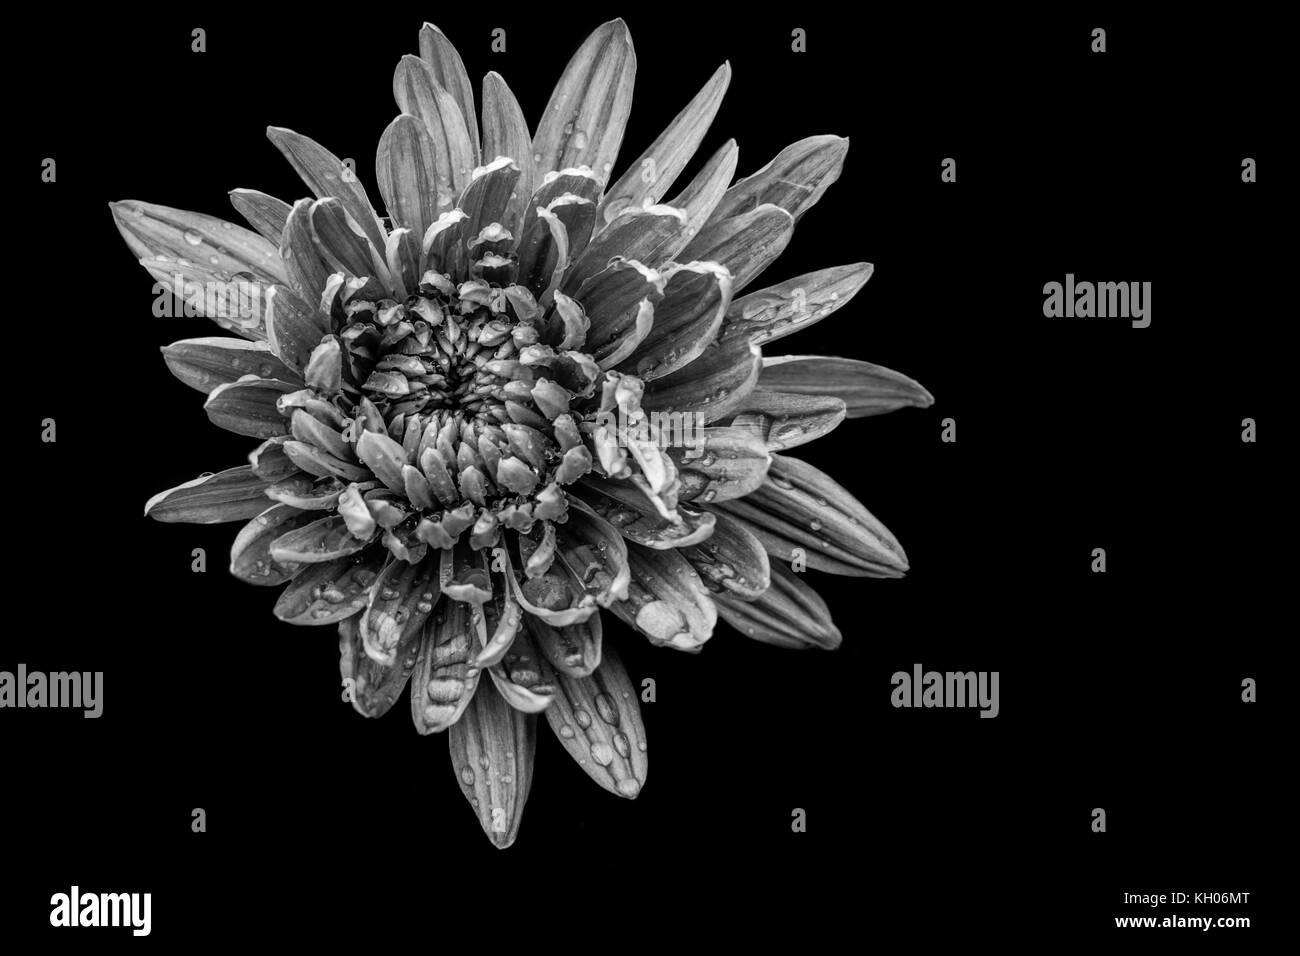 #2 Flower - Stock Image